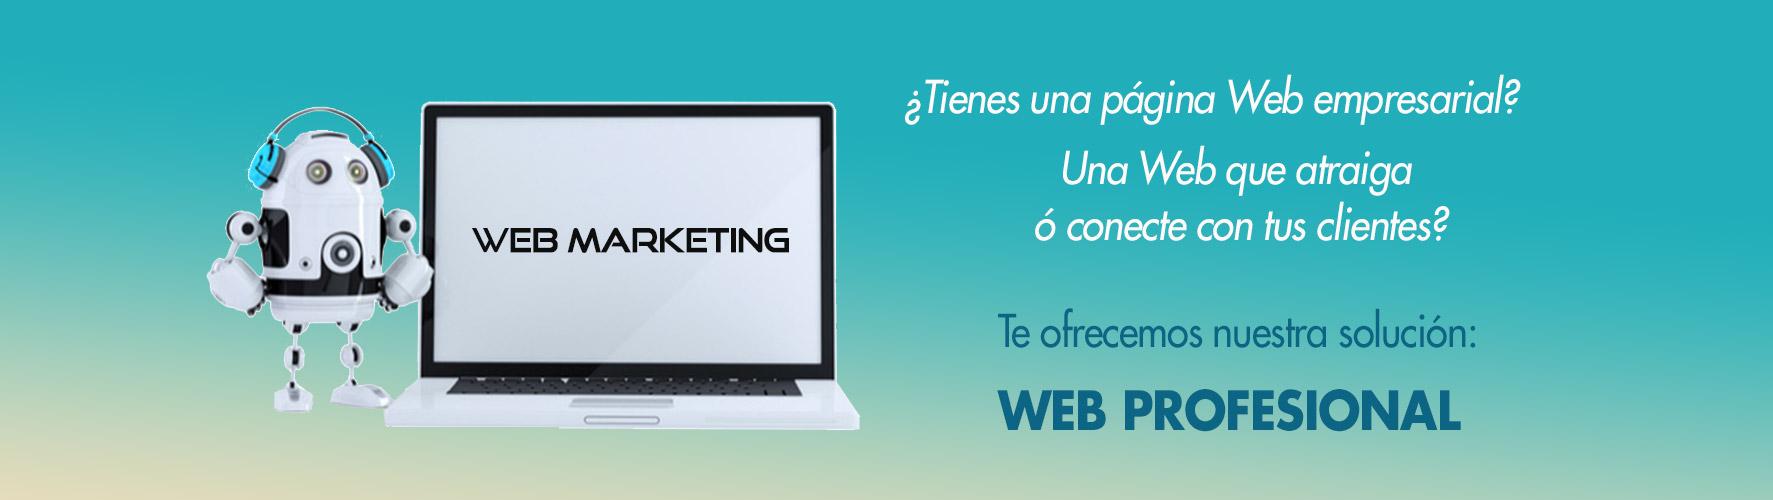 WebMarketing1